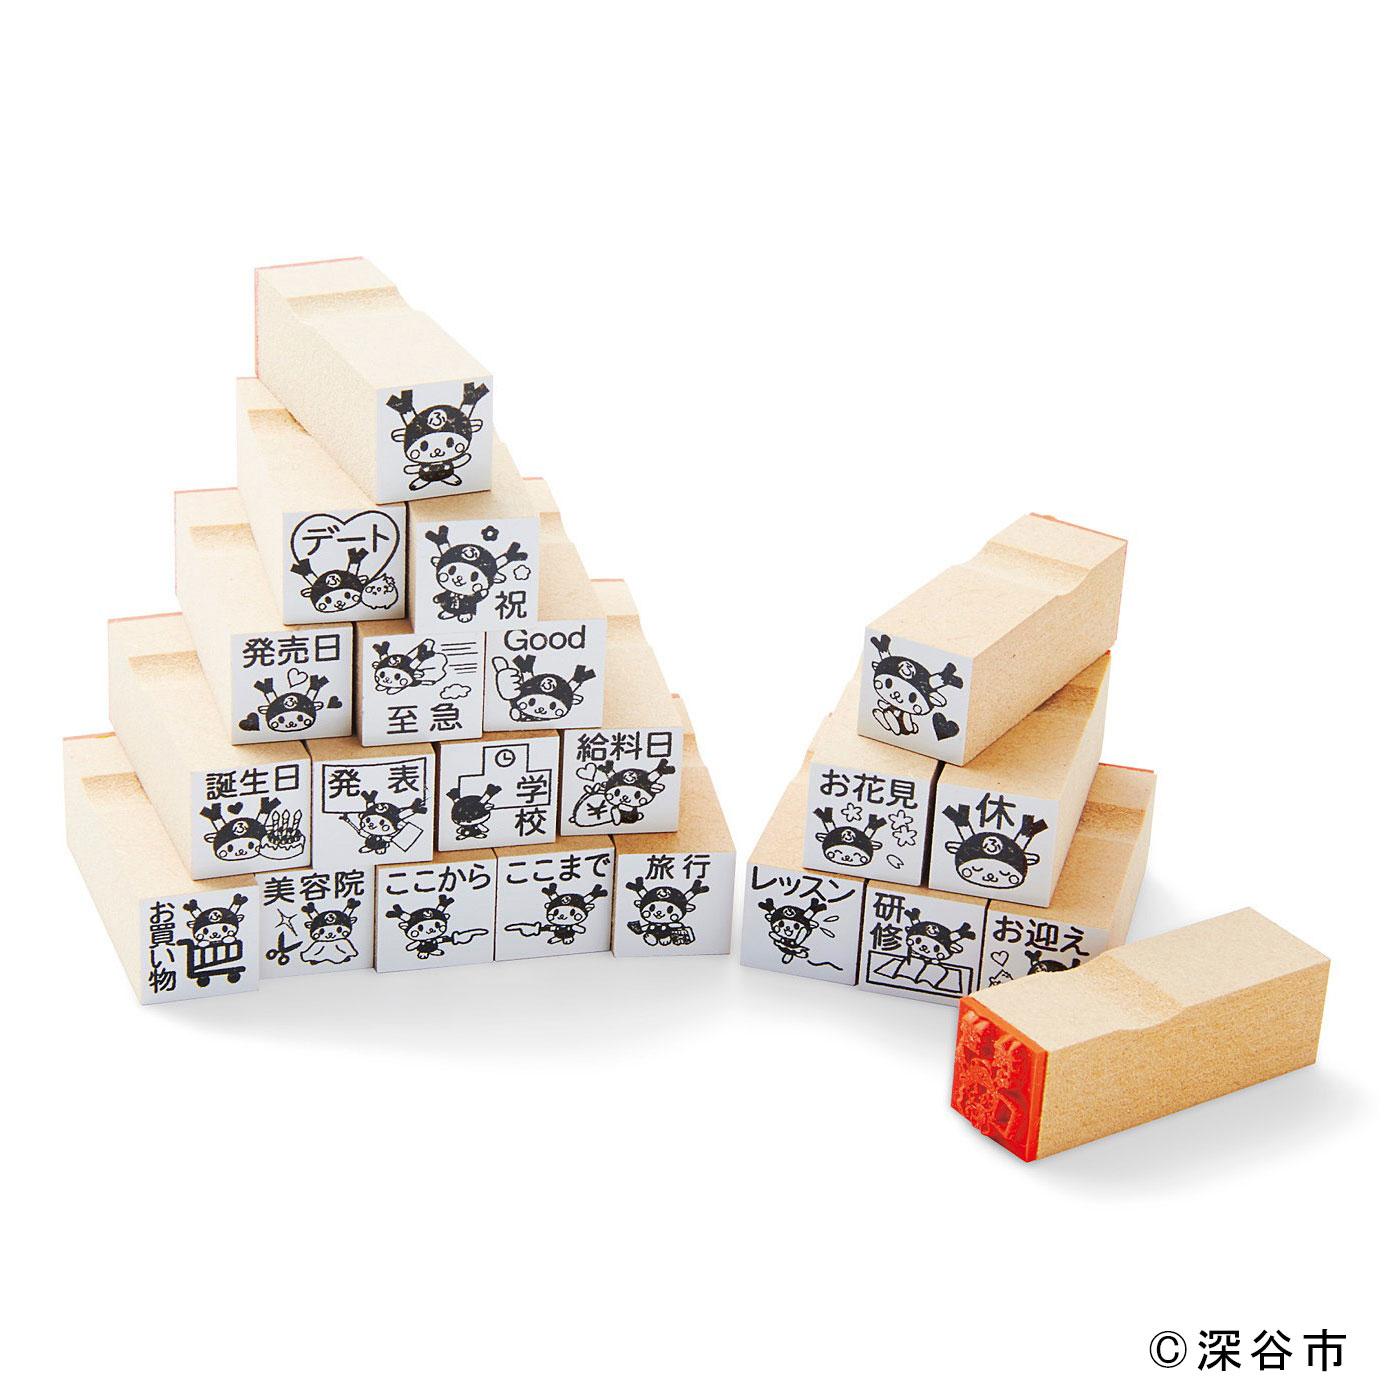 フェリシモ スケジュール帳にポンポン 100個のスタンプの会【定期便】